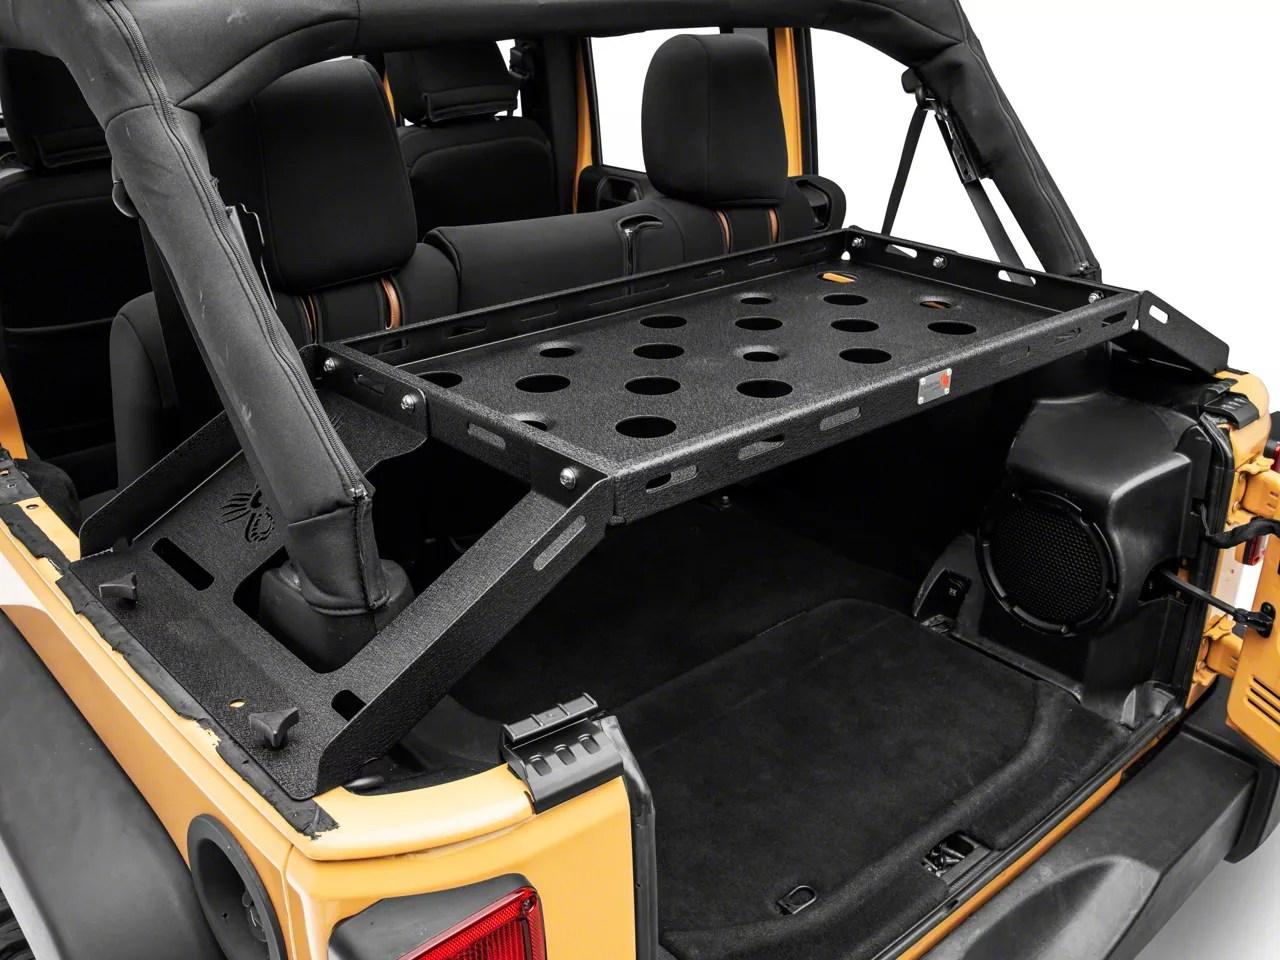 fishbone offroad interior storage rack 07 18 jeep wrangler jk 4 door